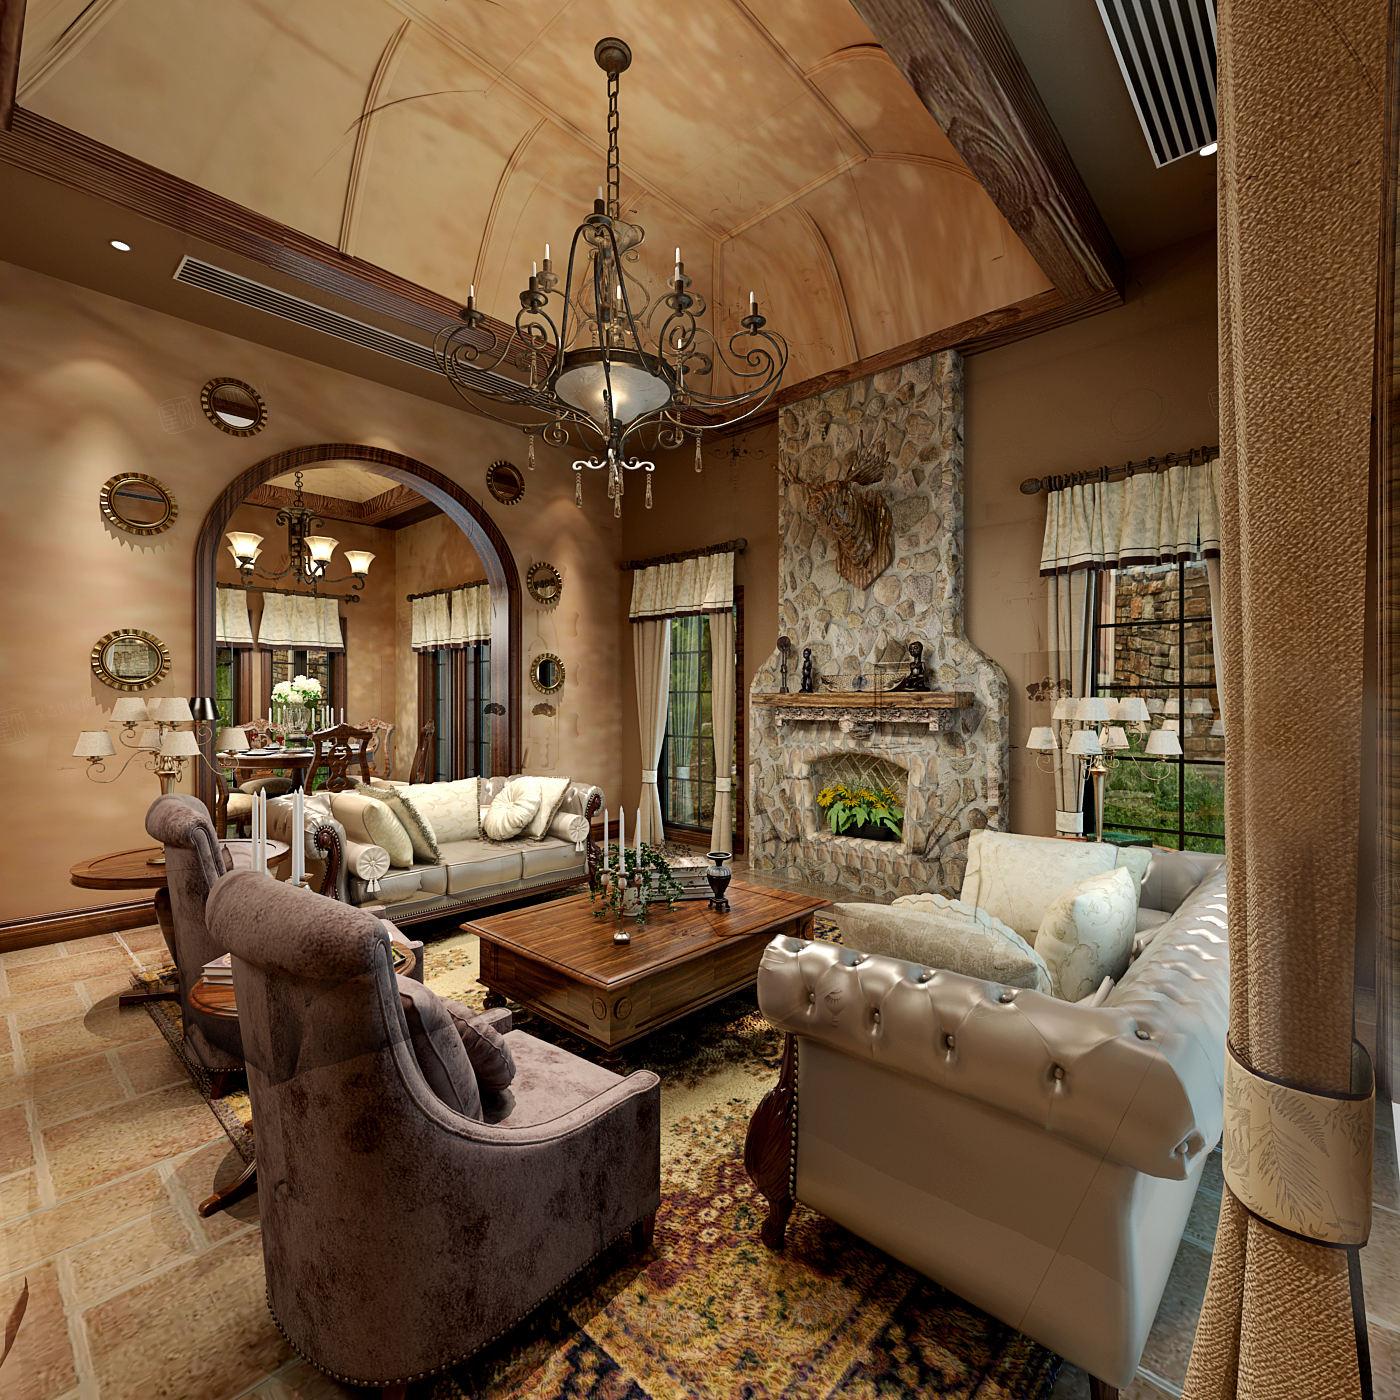 同润圣塔路斯 异域风情装修客厅效果图